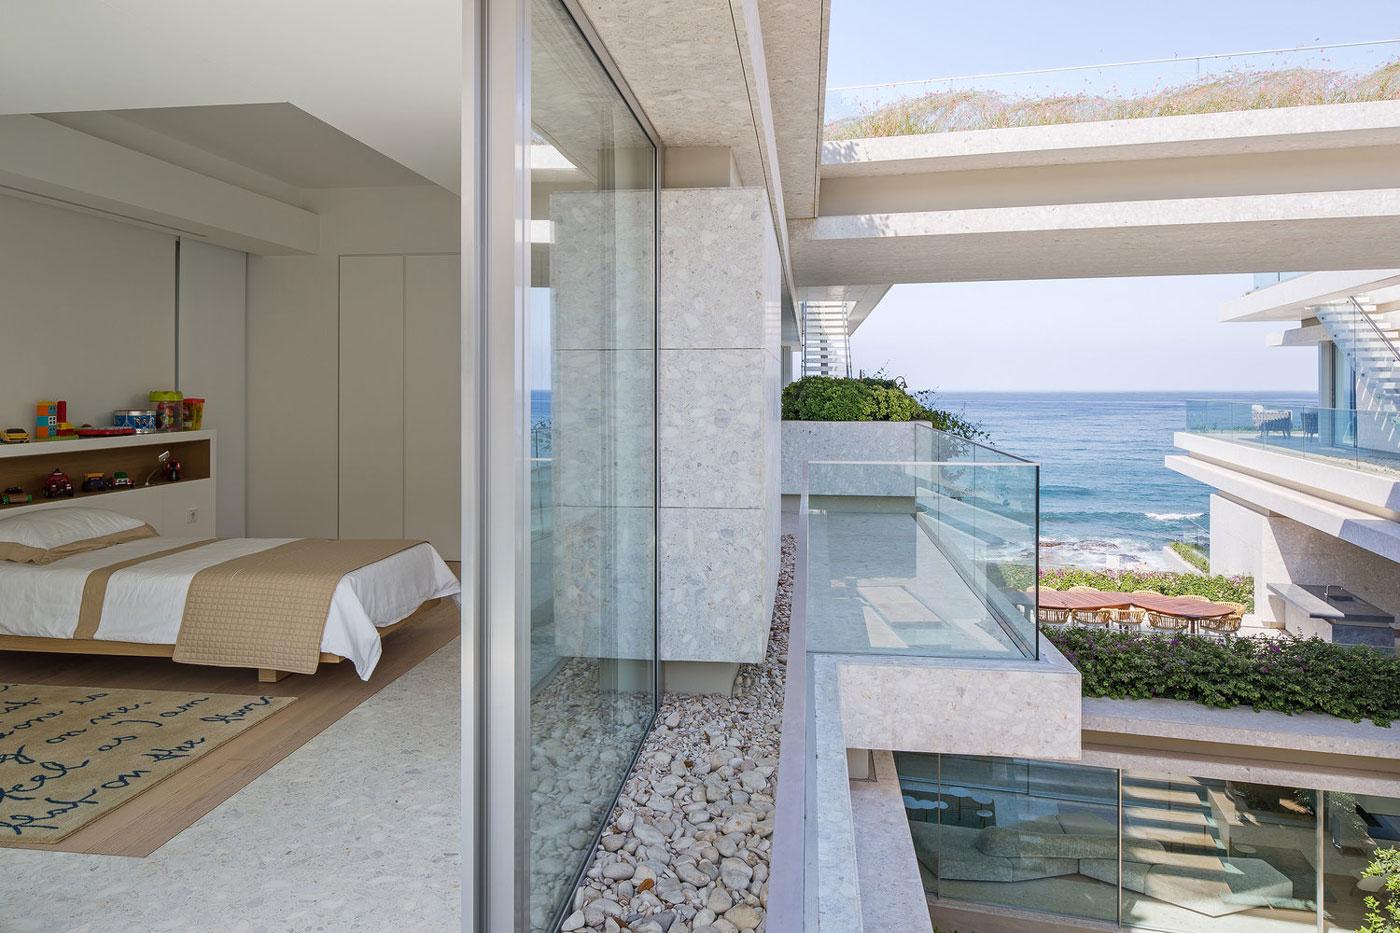 Sea views, bedroom